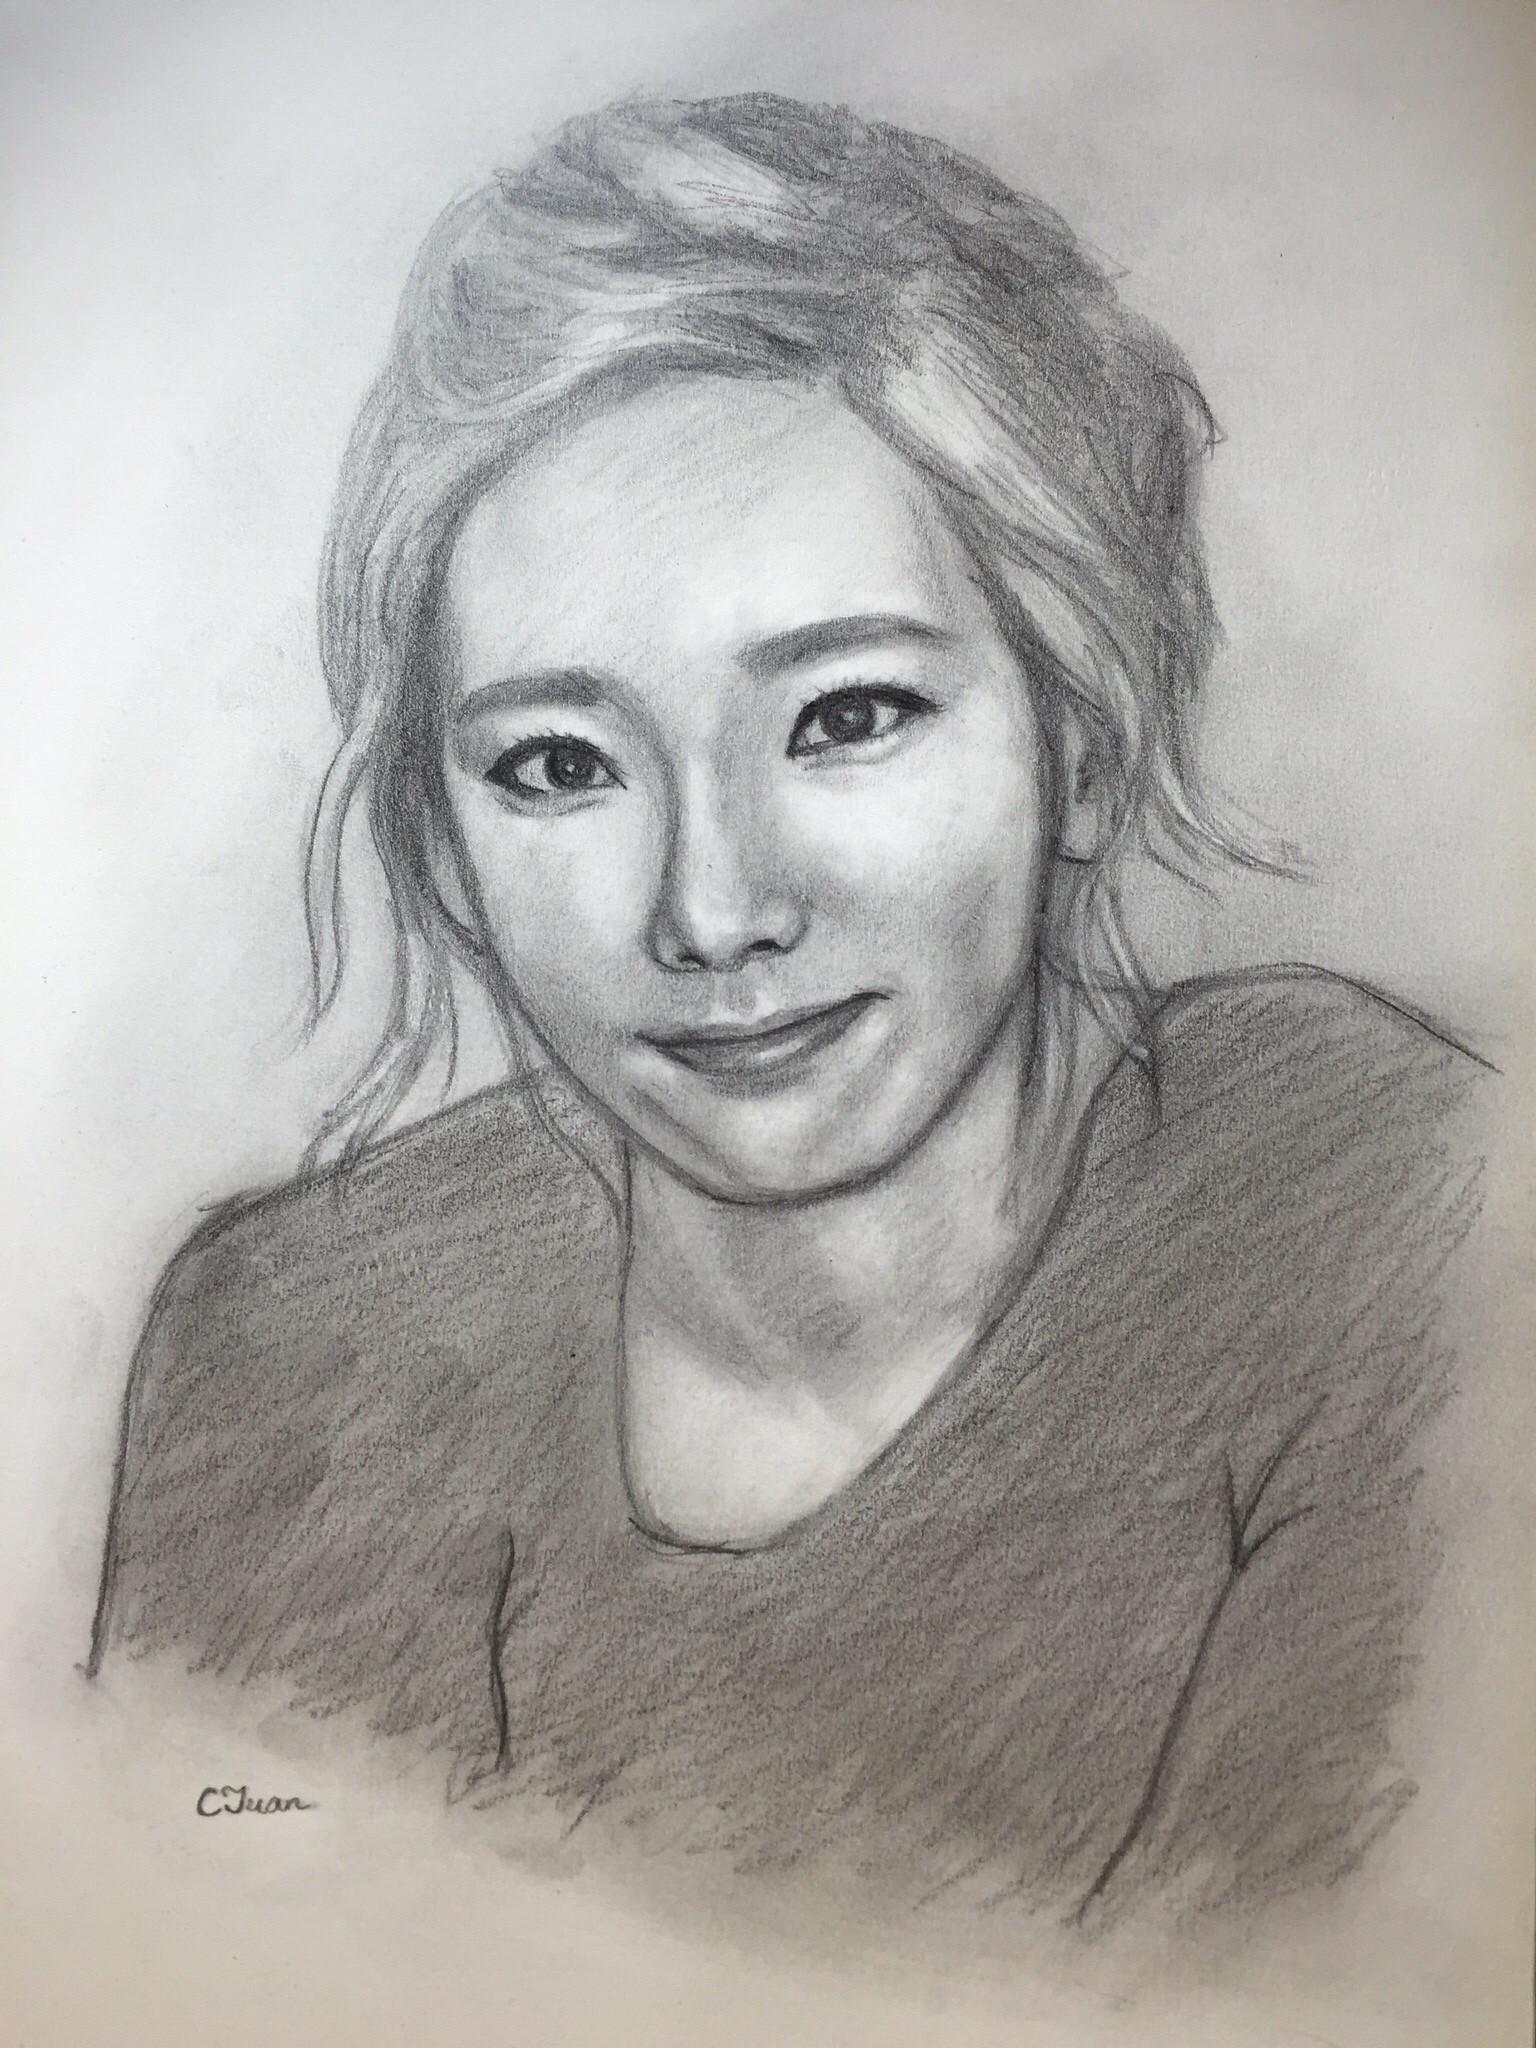 Sketching of taeyeon 太妍 snsd